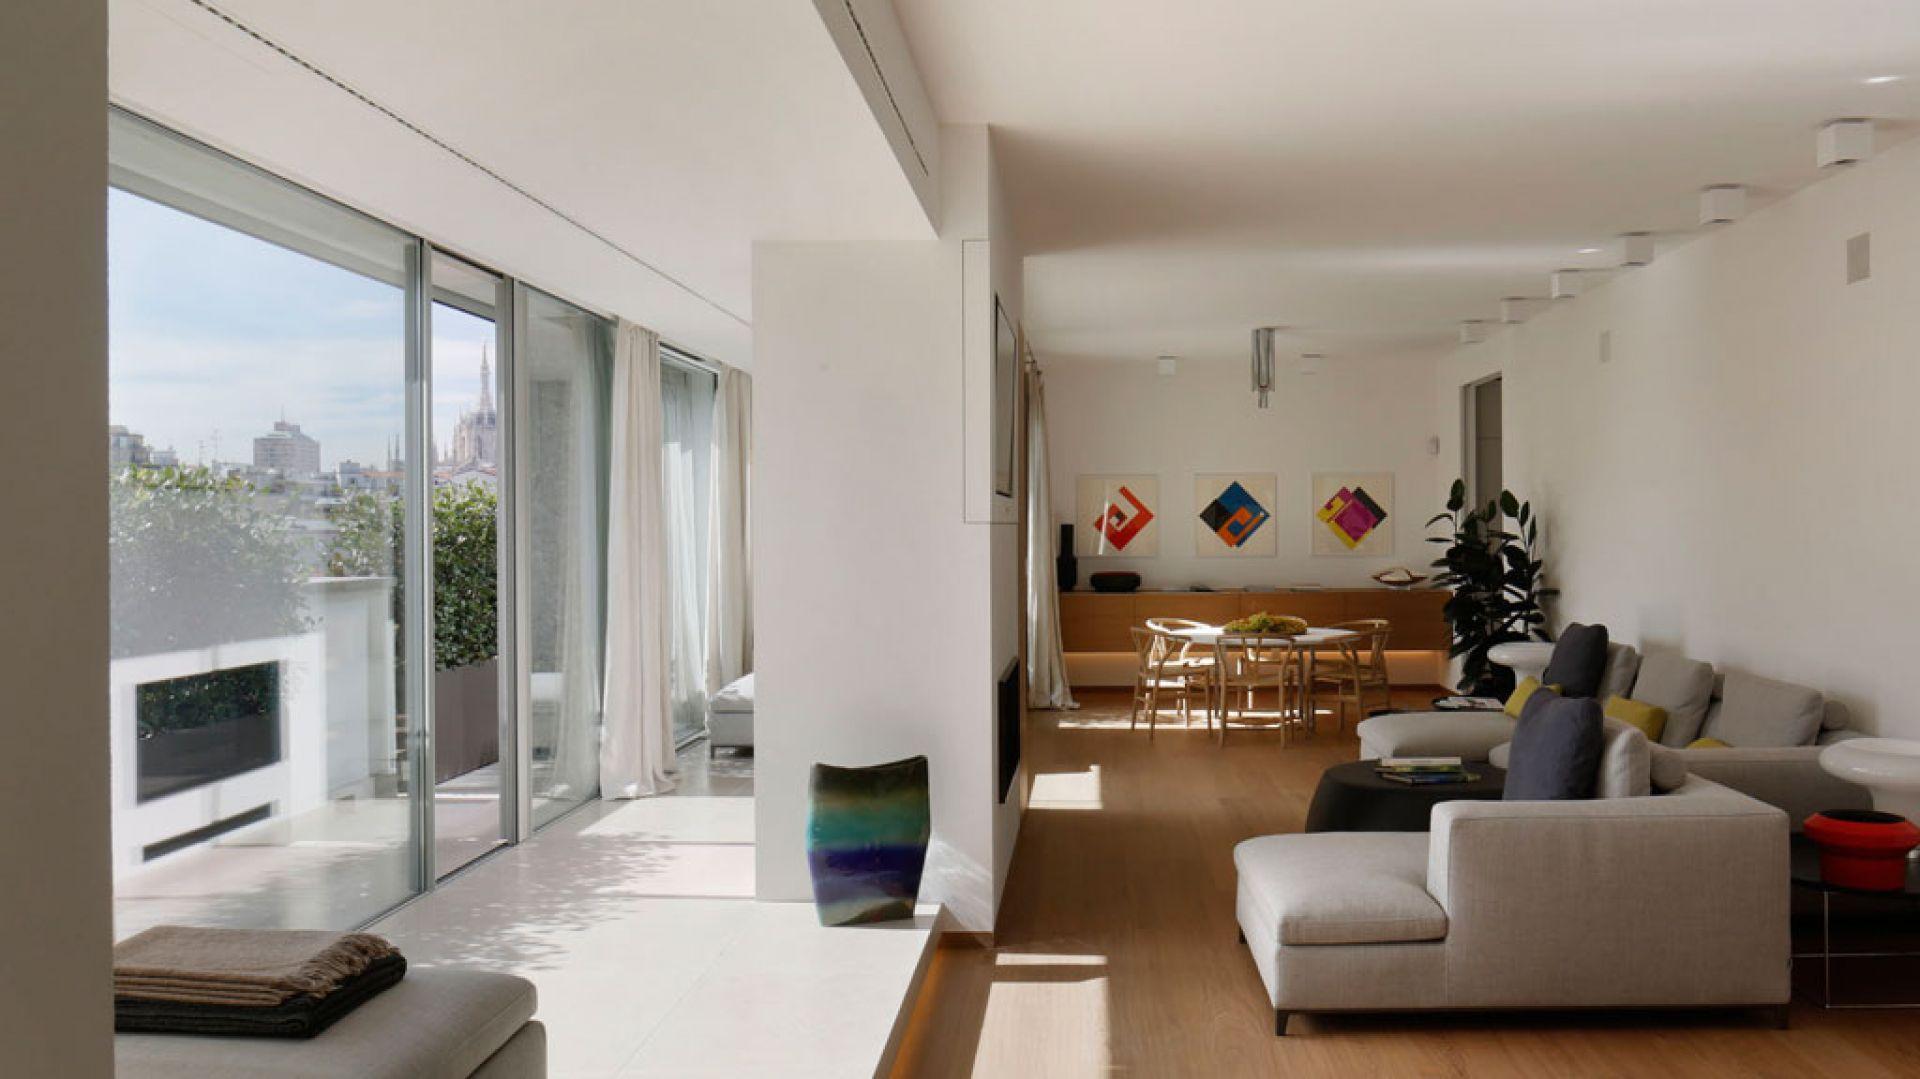 Wychodzące na taras okno wykuszowe z przesuwanymi na całą szerokość drzwiami dynamizuje przestrzeń i daje efekt harmonijnej gry świateł. Fot. Forestile